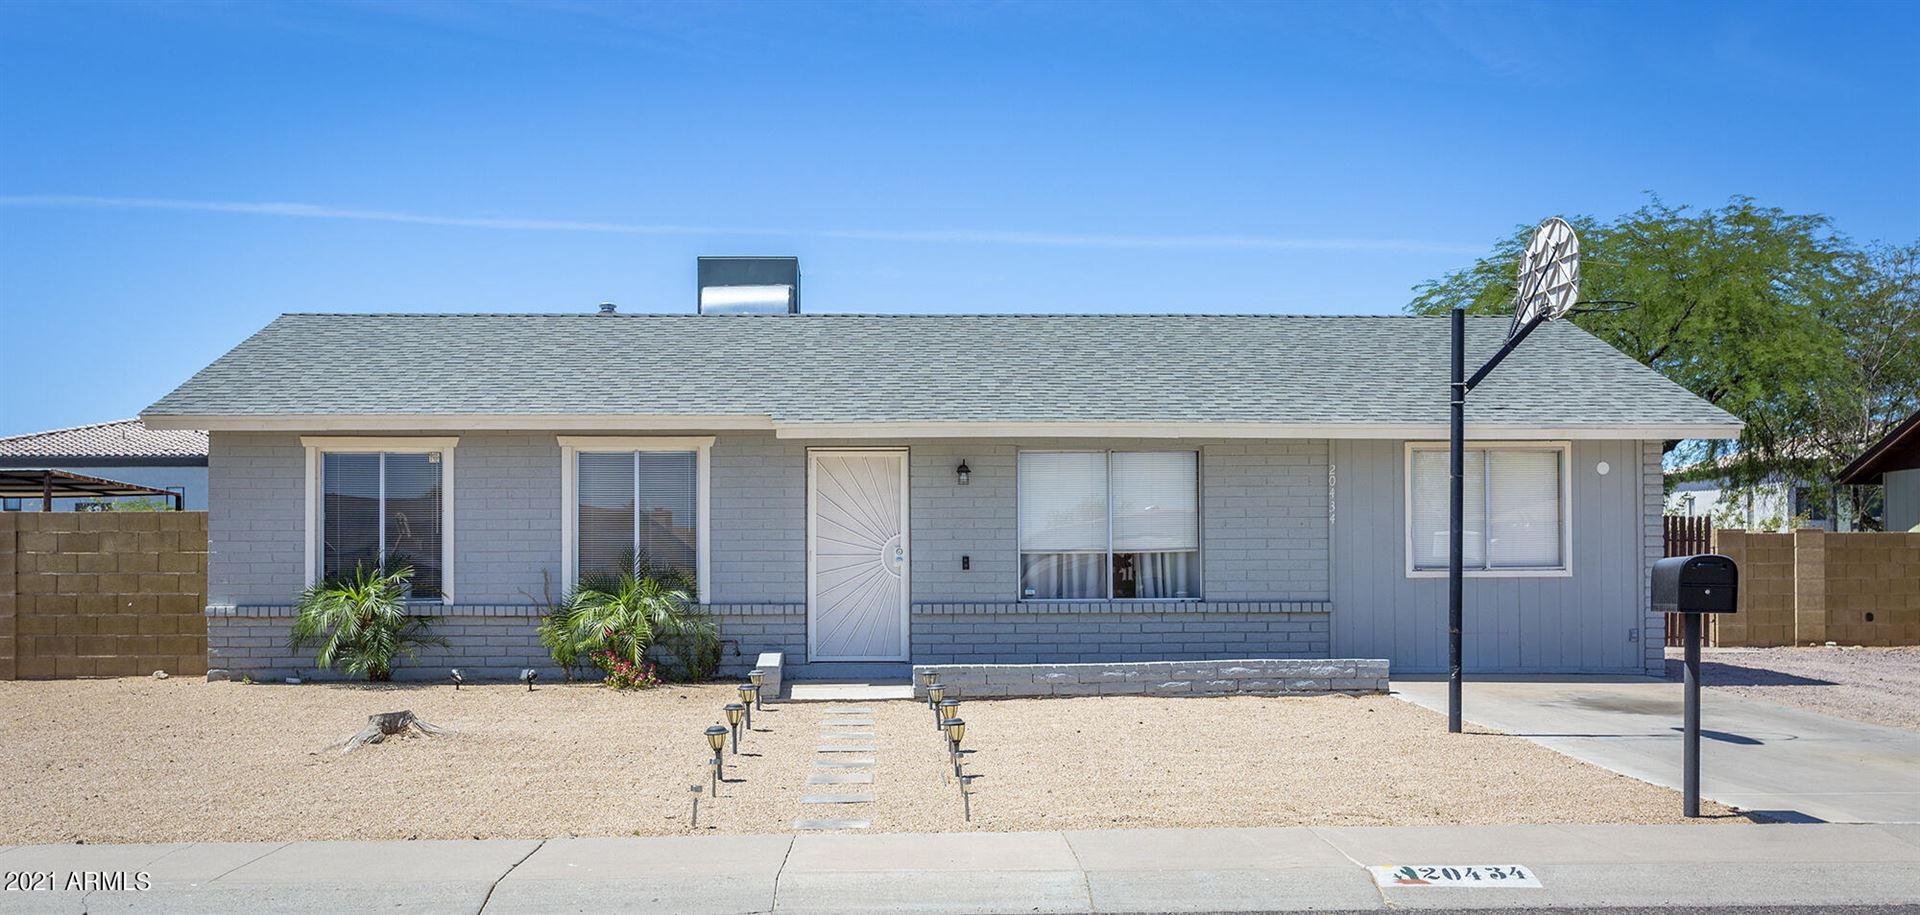 20434 N 17TH Drive, Phoenix, AZ 85027 - MLS#: 6250230